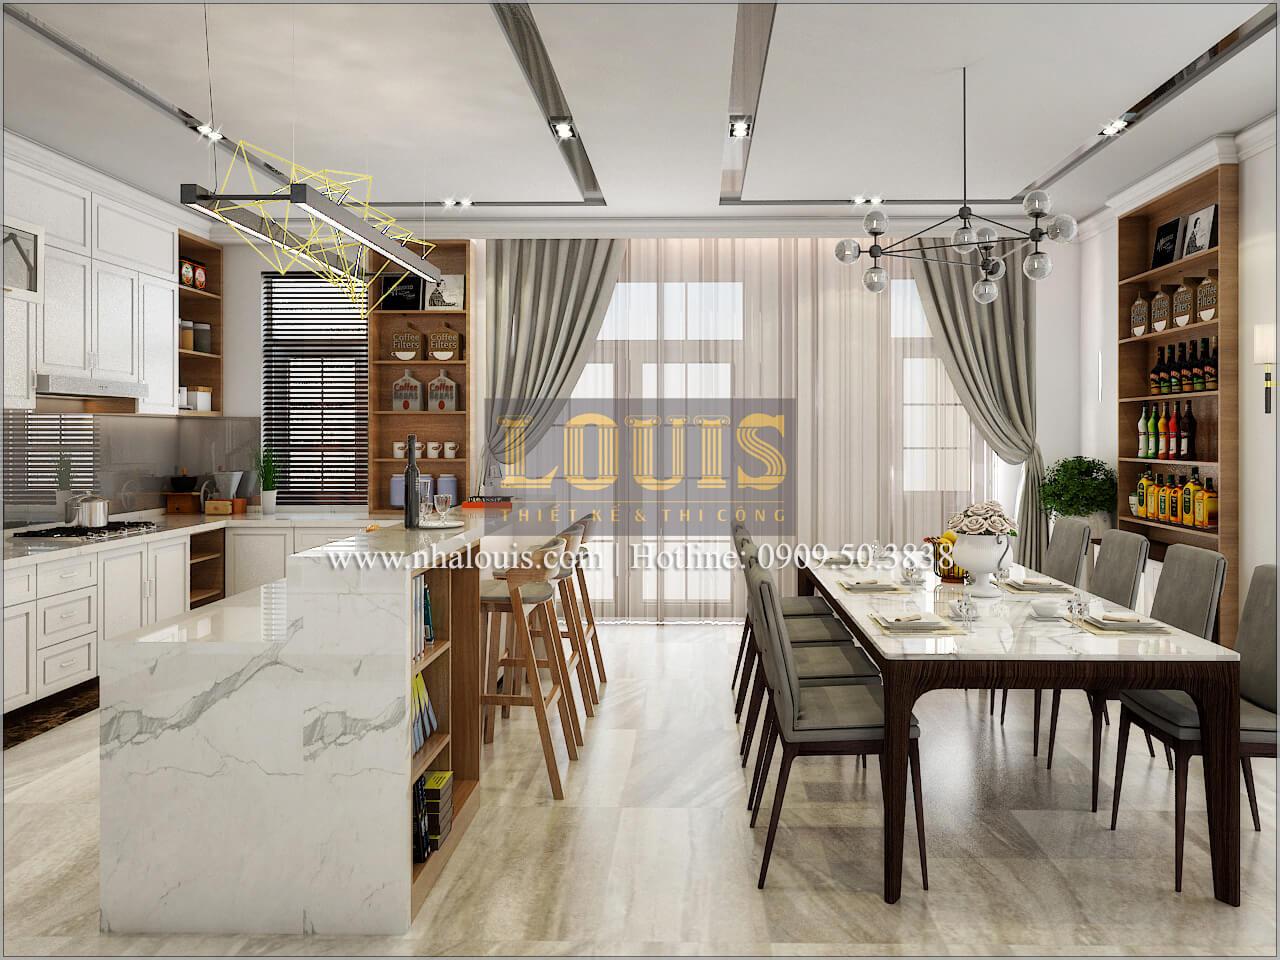 Phòng bếp và phòng ăn Thiết kế biệt thự phong cách cổ điểnđẹp kết hợp kinh doanh tạiĐồng Nai